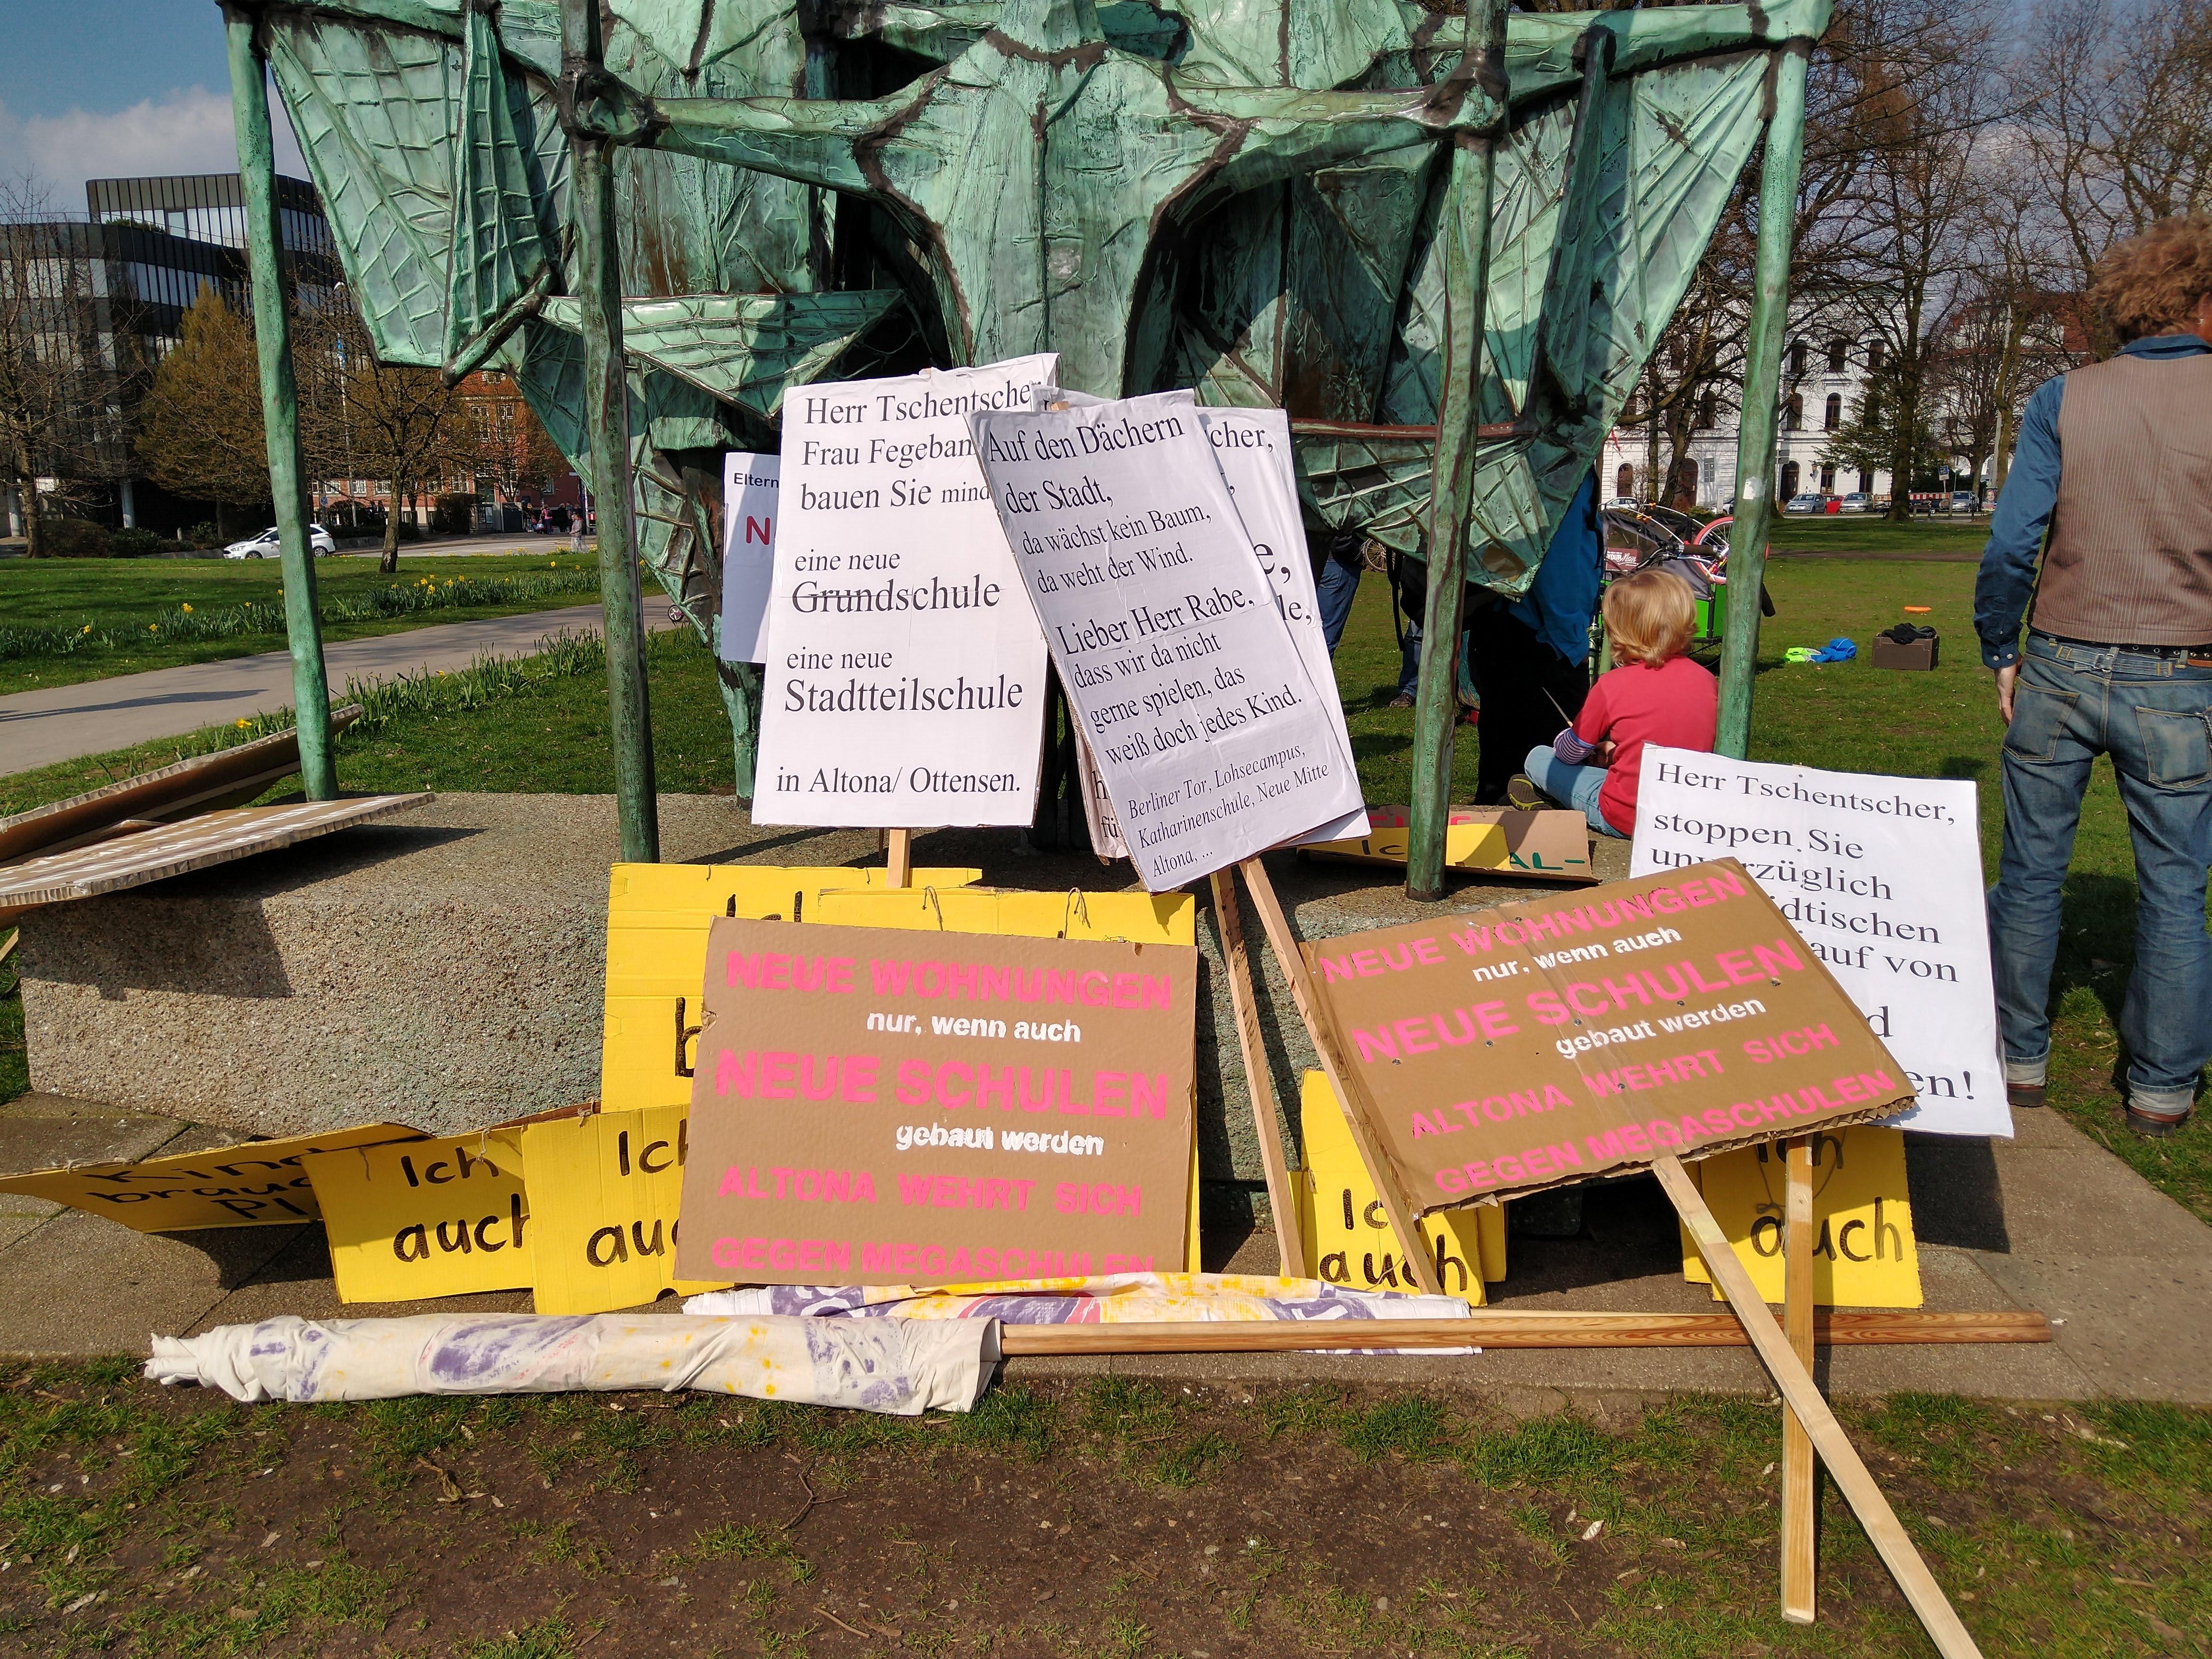 Demo gegen die Schulbehörde: Das muss anders gehen! Gegenaufruf zur Altonaer Schuldemo